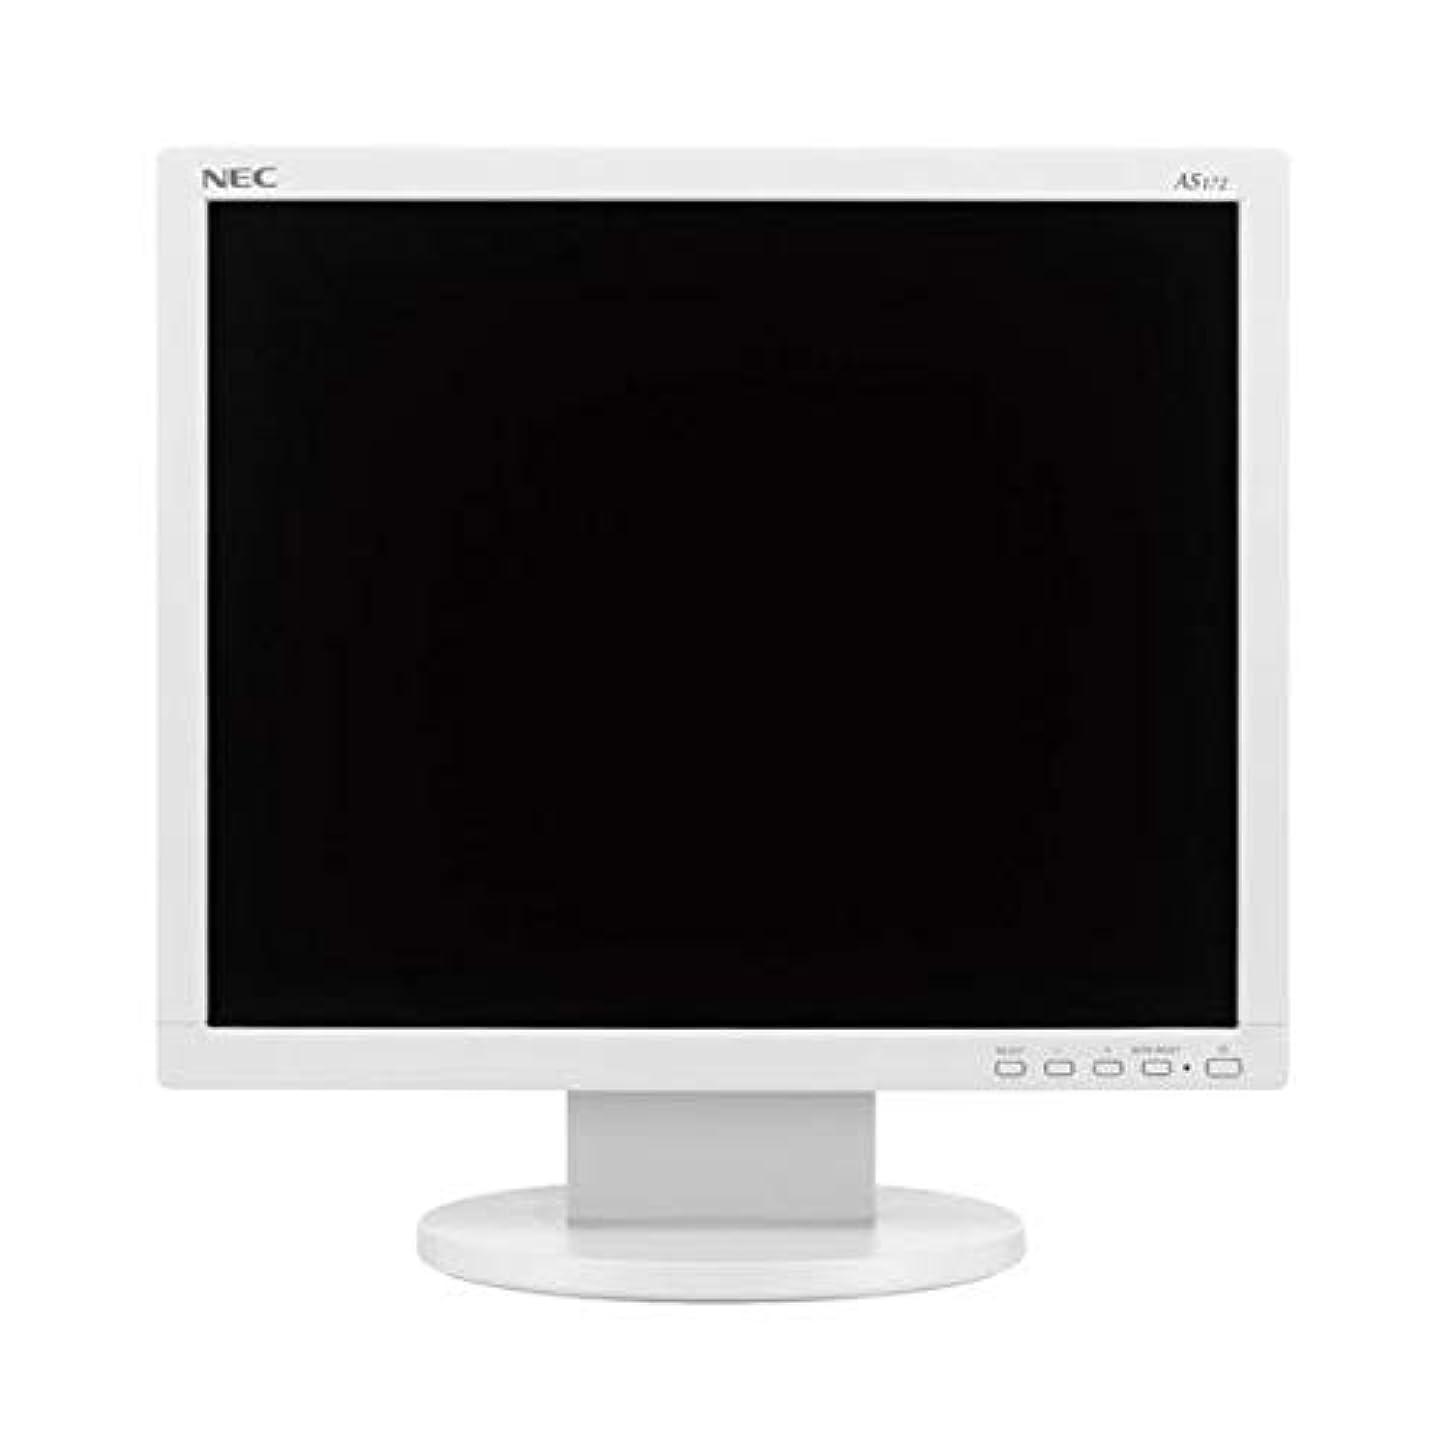 変数偶然アルファベット順NEC 17型液晶ディスプレイ 白LCD-AS172-W5 1台 AV デジモノ パソコン 周辺機器 液晶モニター top1-ds-2289126-sd5-ah [独自簡易包装]